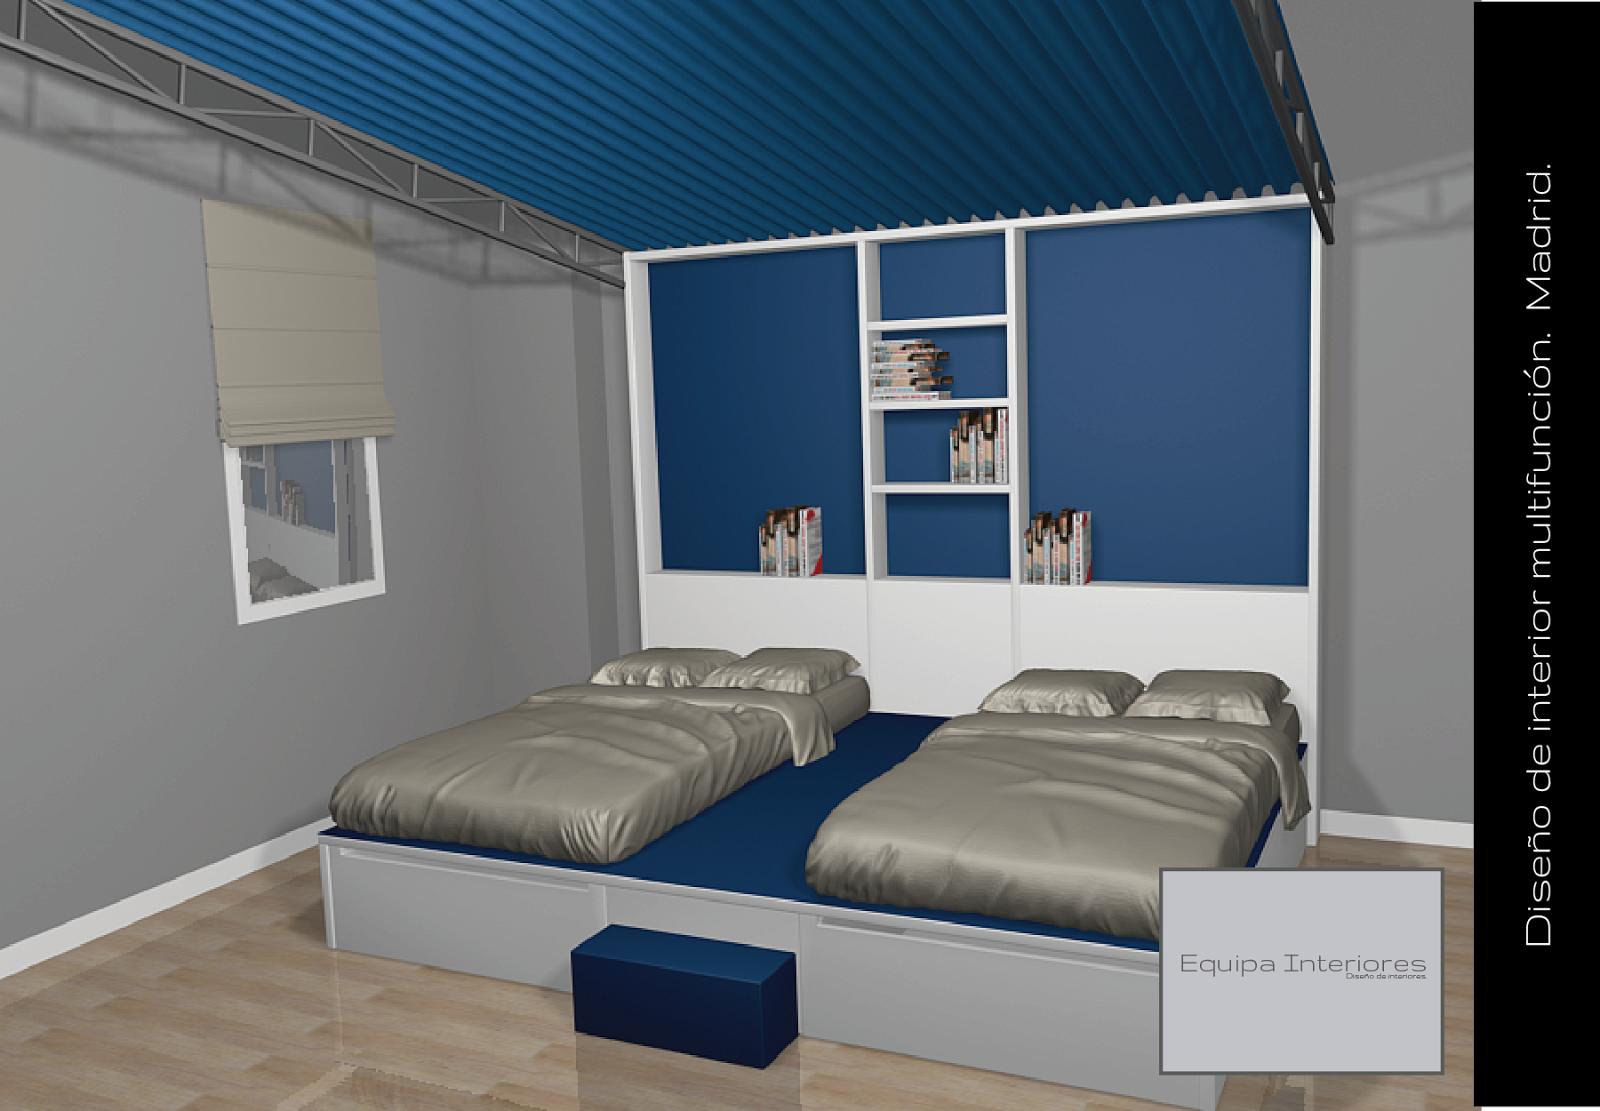 tarima se puede colocar unos colchones y obtenemos dos camas de grandes dimensiones una forma diferente de decorar un cuarto de juegos